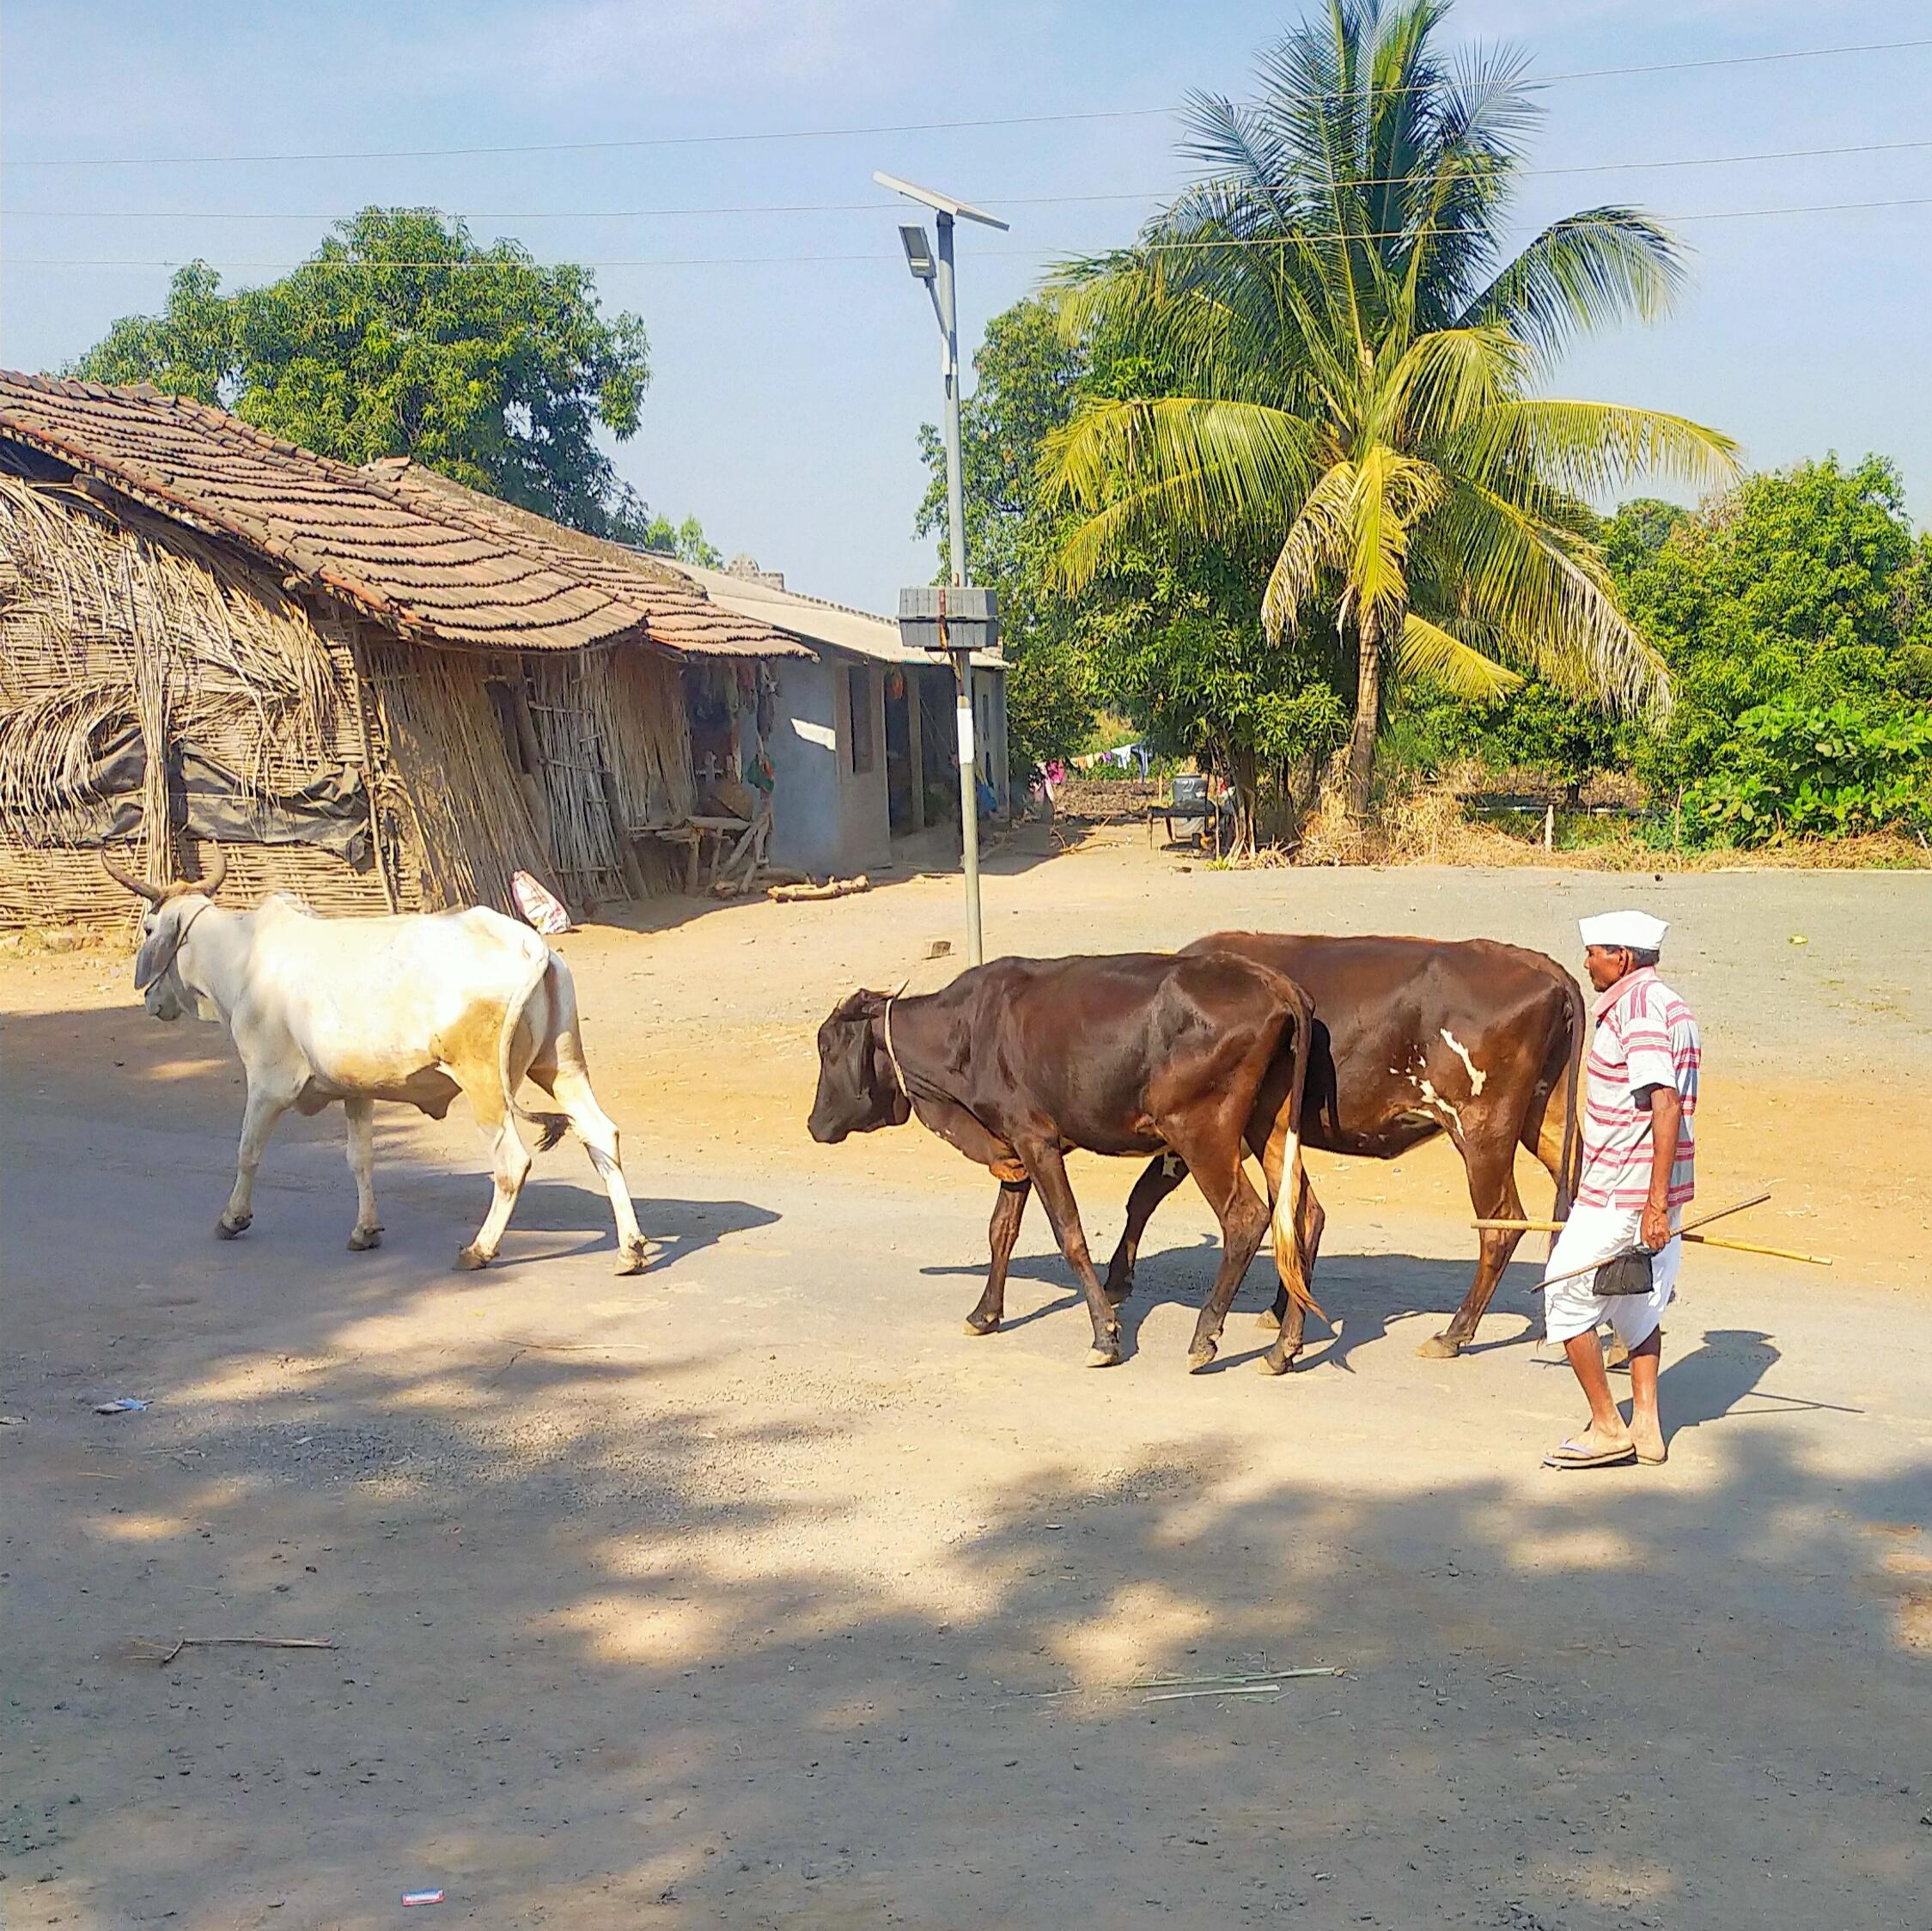 A farmer with cow